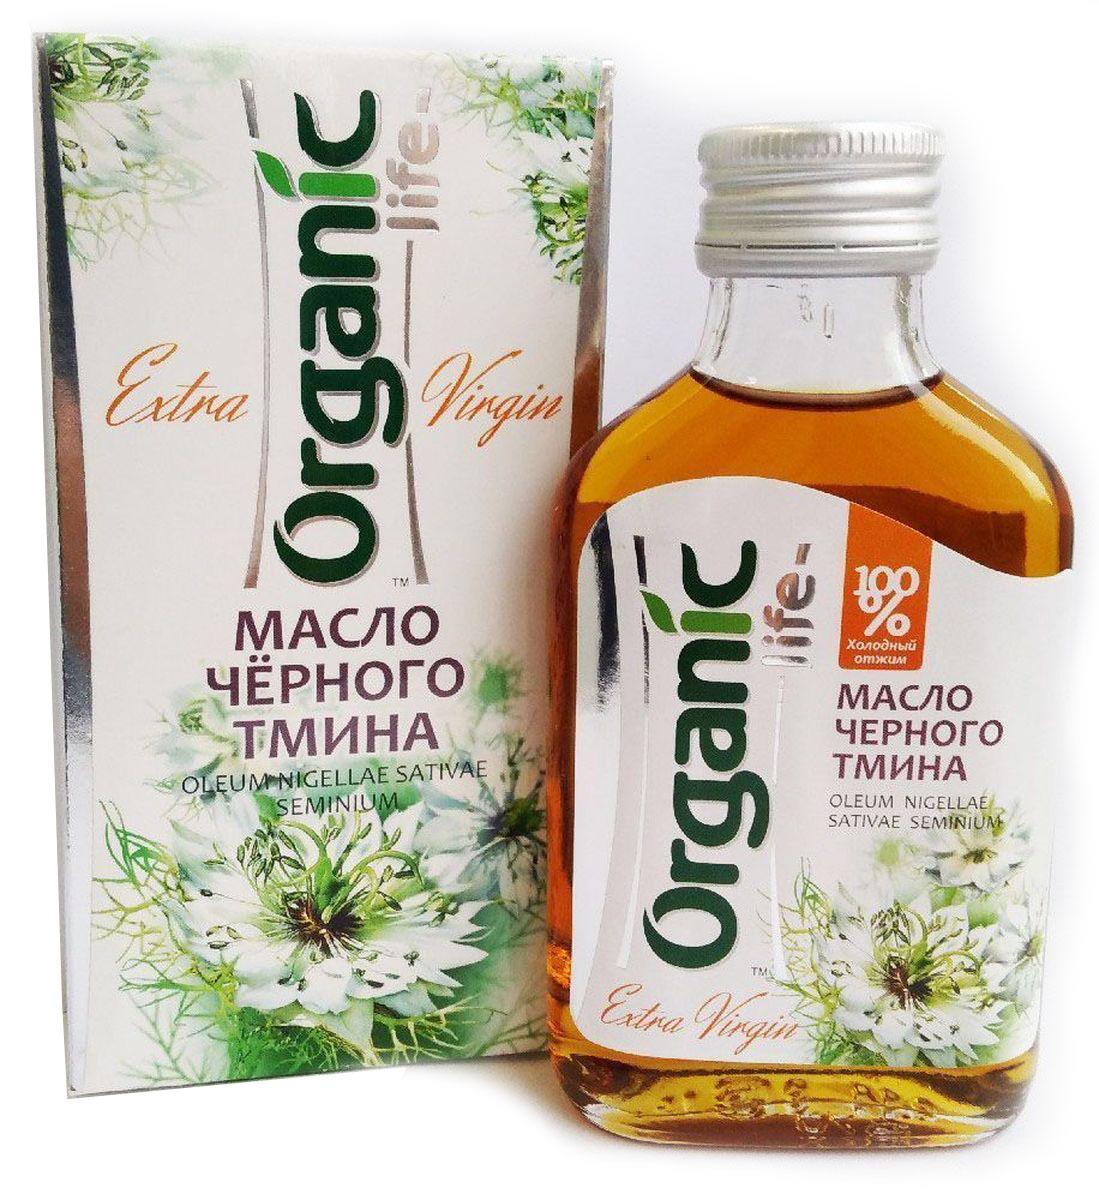 Organic Life масло черного тмина, 100 мл212034Масло черного тмина содержит незаменимые Омега-6 и Омега-9 полиненасыщенные жирные кислоты, витамины Е, А, витамины группы В, микроэлементы и благотворные для дыхательной системы эфирные масла. Уникальный состав делает масло черного тмина натуральным иммуностимулятором, оно обладает выраженным бактерицидным и антисептическим действием. Масло способствует профилактике в период массовых простудных заболеваний, повышает жизненный тонус, снижает уровень холестерина, помогает избавлению от паразитов. Масло черного тмина улучшает обмен веществ, что способствует снижению веса. Способ применения: по 1/2 ч.л. 2 раза в день.Масла для здорового питания: мнение диетолога. Статья OZON Гид